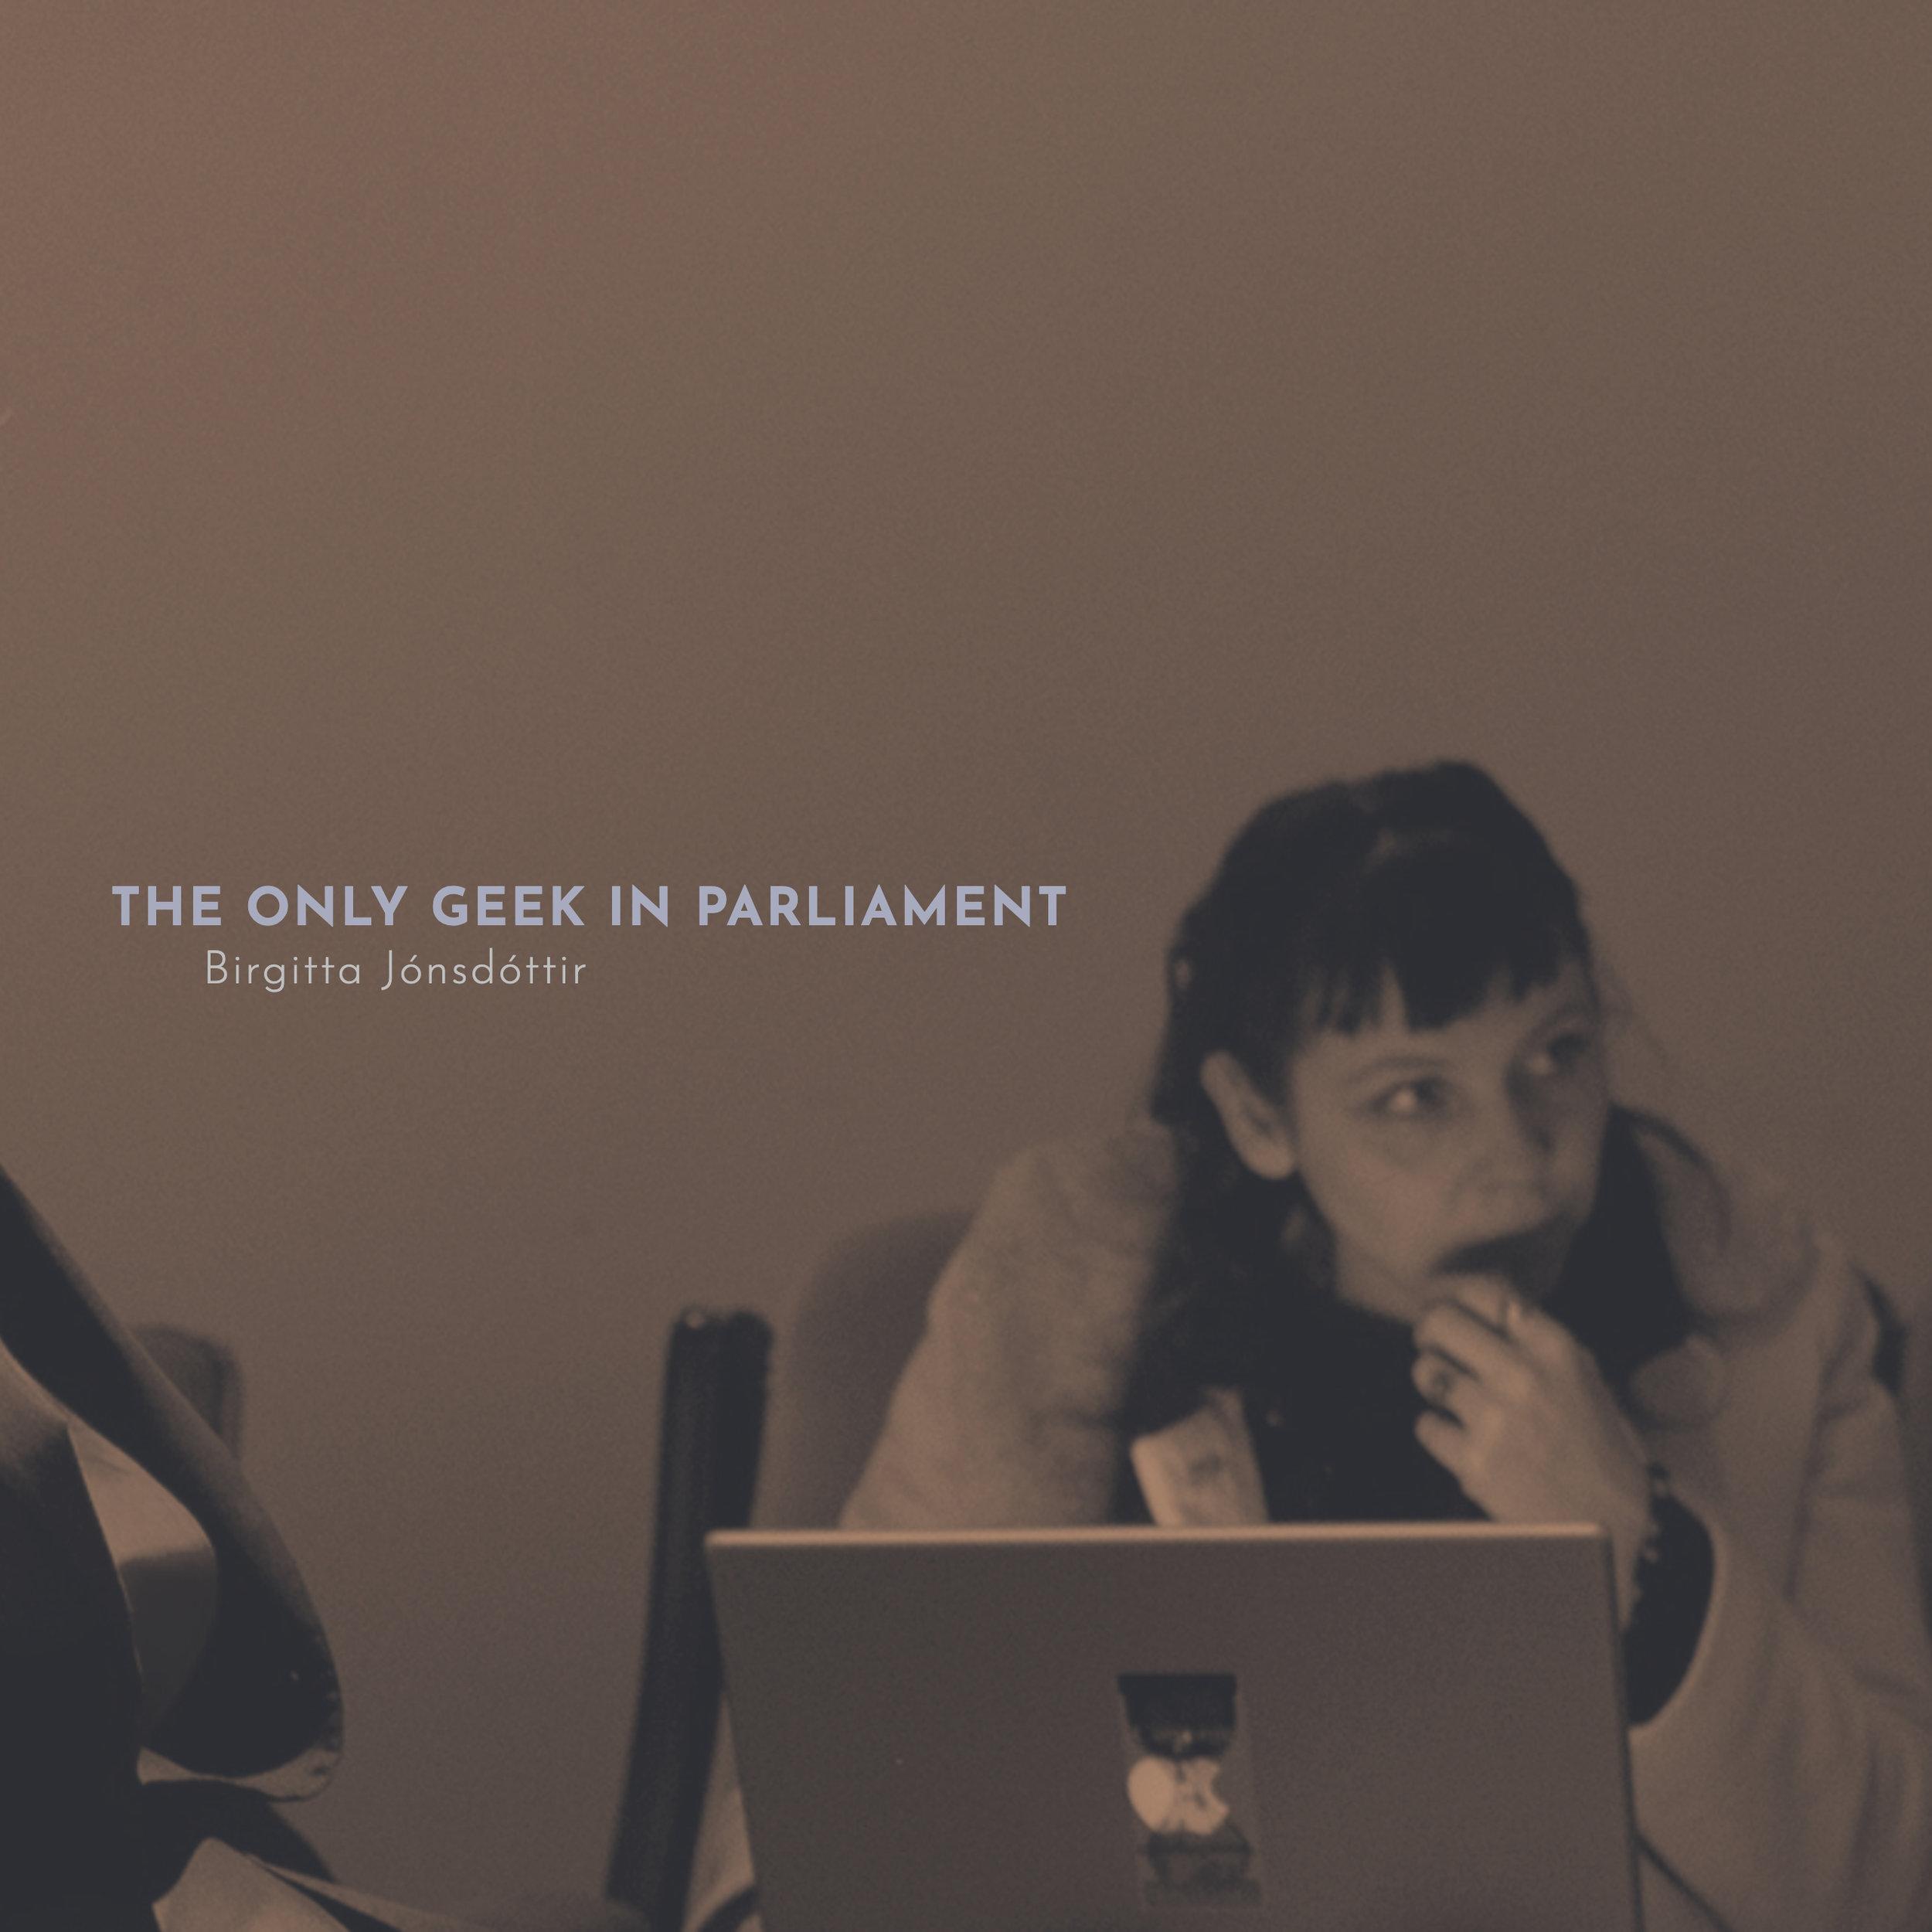 #190 | The Only Geek In Parliament: Dissent In The Age Of Surveillance w/ Birgitta Jónsdóttir